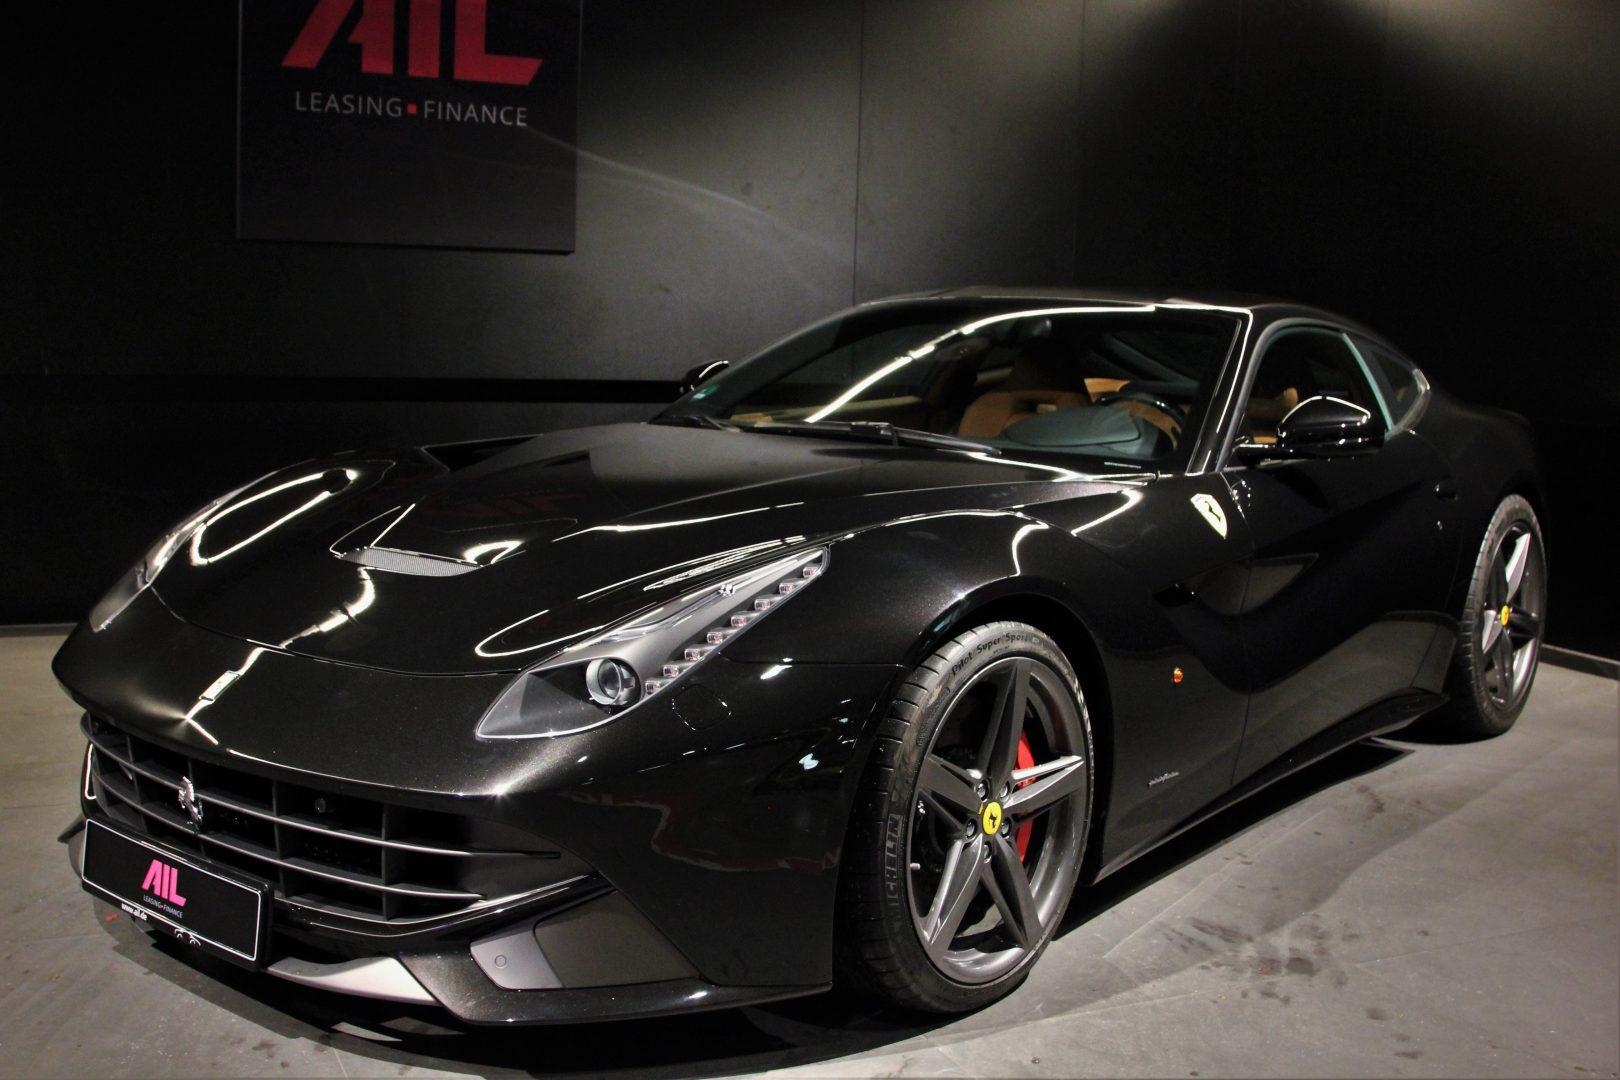 AIL Ferrari F12 Berlinetta 15